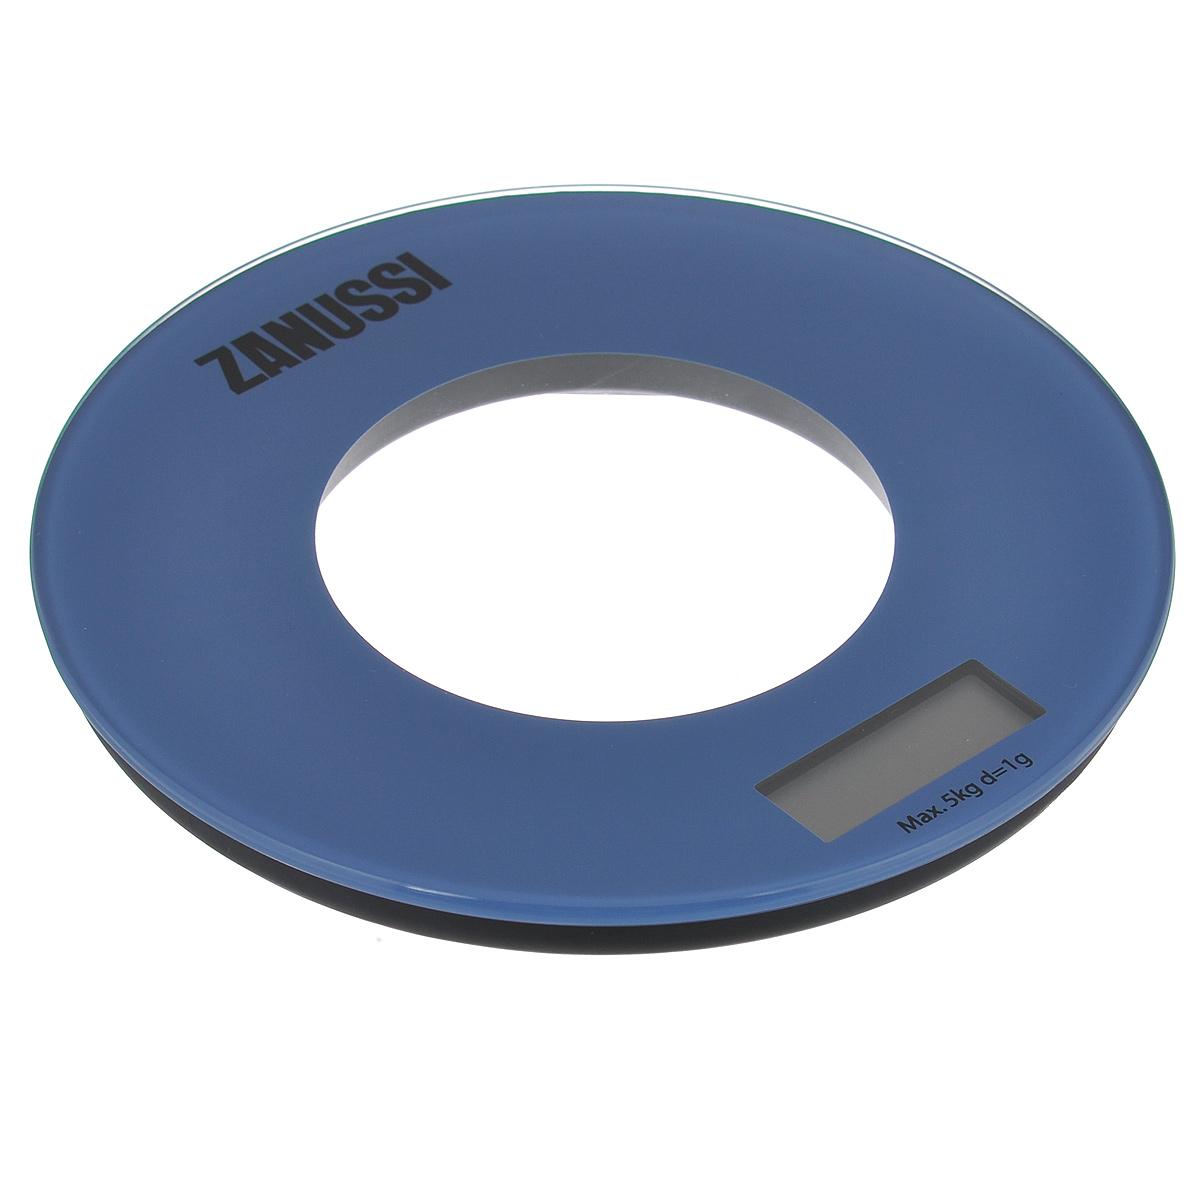 Весы кухонные Zanussi Bologna, электронные, цвет: синий, до 5 кгZSE21221EFЭлектронные кухонные весы Zanussi Bologna придутся по душе каждой хозяйке и станут незаменимым аксессуаром на кухне. Ультратонкий корпус весов выполнен из пластика с цифровым ЖК-дисплеем. Весы выдерживают до 5 килограмм и оснащены высокоточной сенсорной измерительной системой. Имеется индикатор низкого заряда батареи. С помощью таких электронных весов можно точно контролировать пропорции ингредиентов. УВАЖАЕМЫЕ КЛИЕНТЫ! Обращаем ваше внимание, что весы работают от одной литиевой батарейки CR2032 напряжением 3V (входит в комплект).